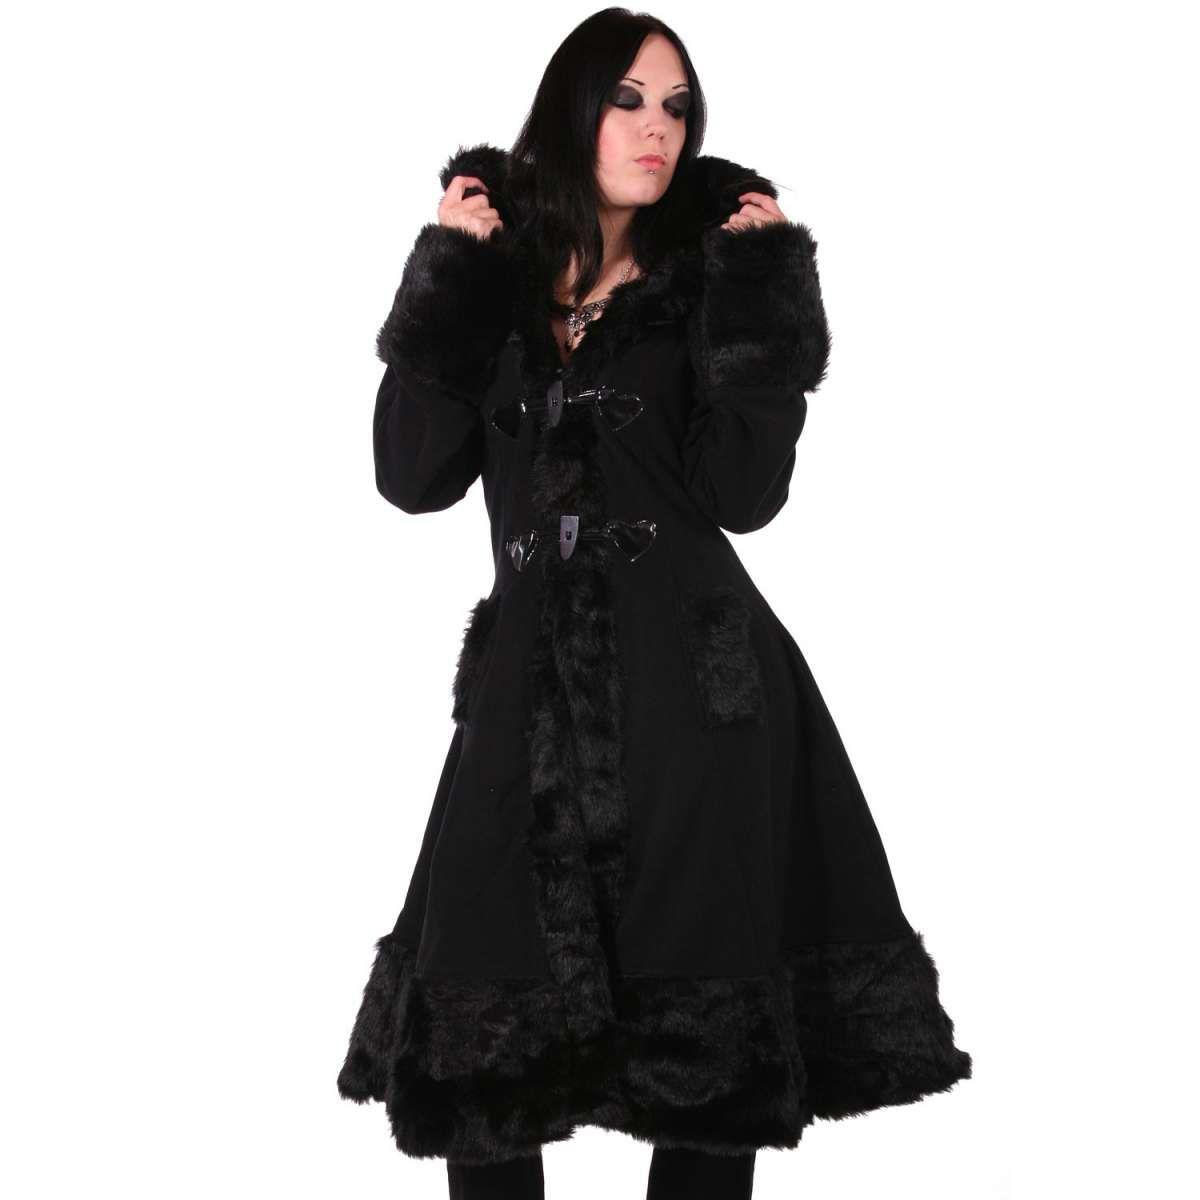 Gothic Lolita Wintermantel mit Kapuze und Kunstfell | Kleider ...